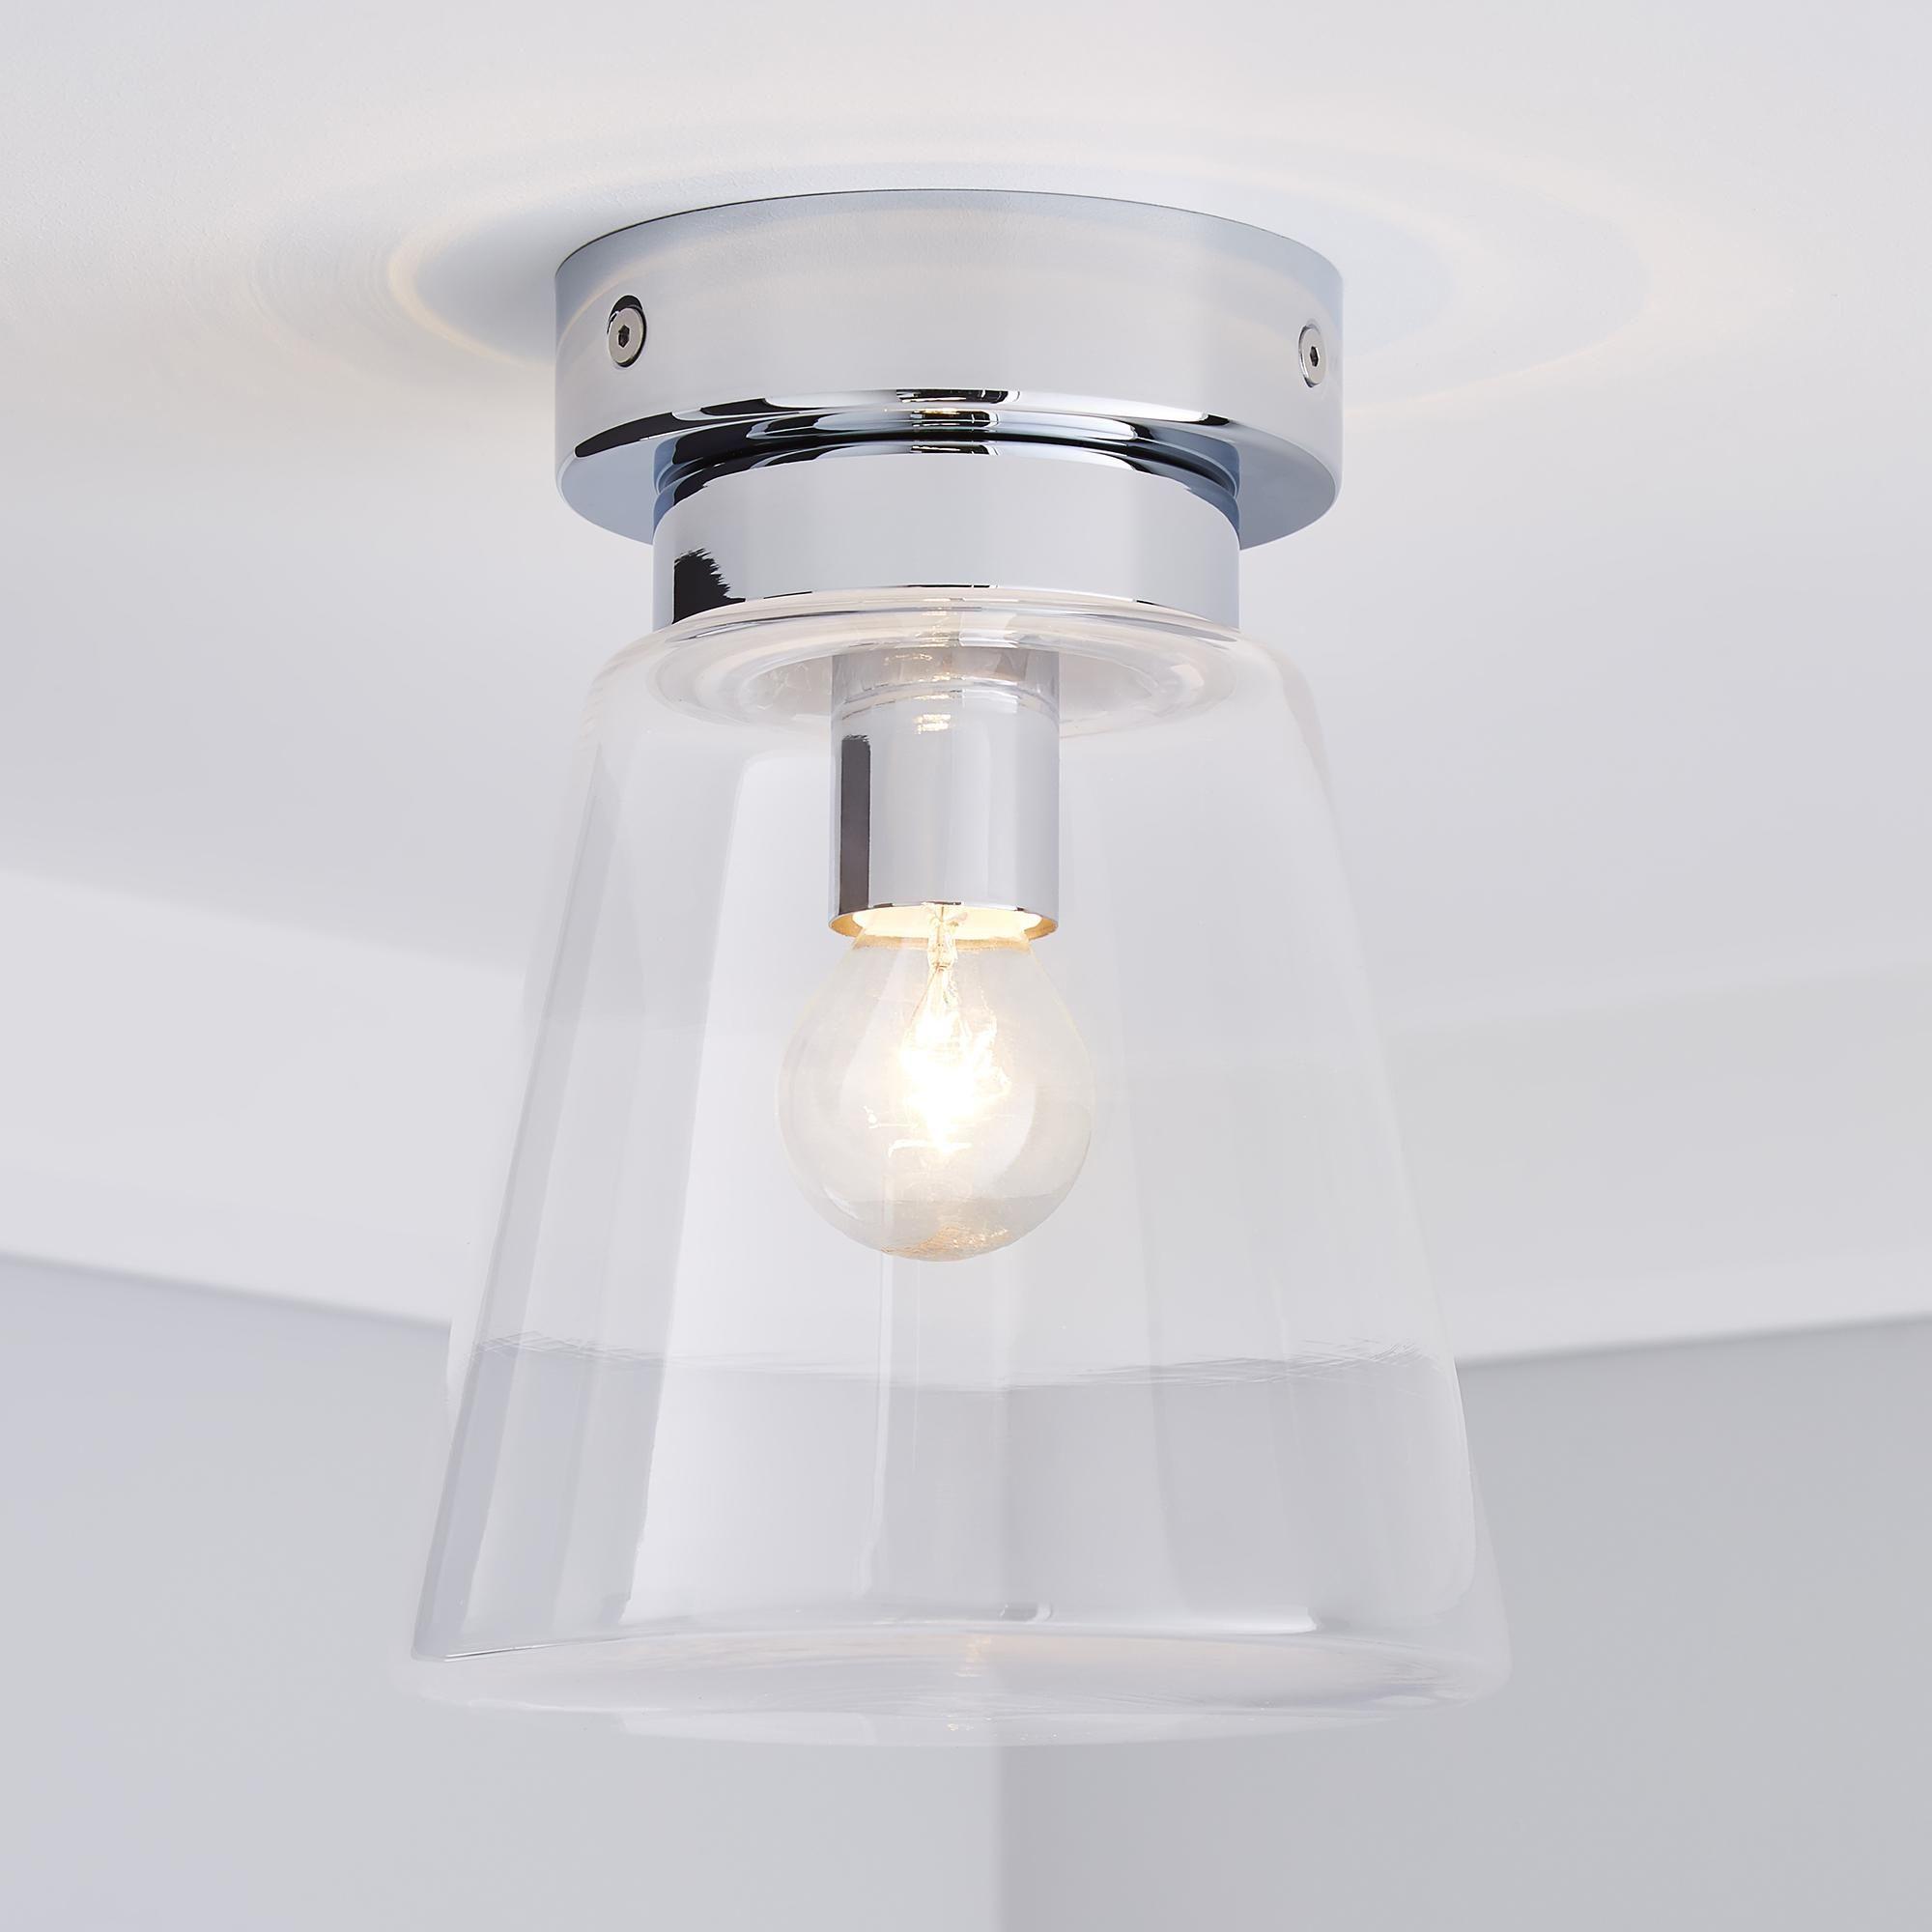 Dunelm Silver Delavin Bathroom Glass Flush Light Fitting In 2020 Flush Lighting Glass Bathroom Light Fittings